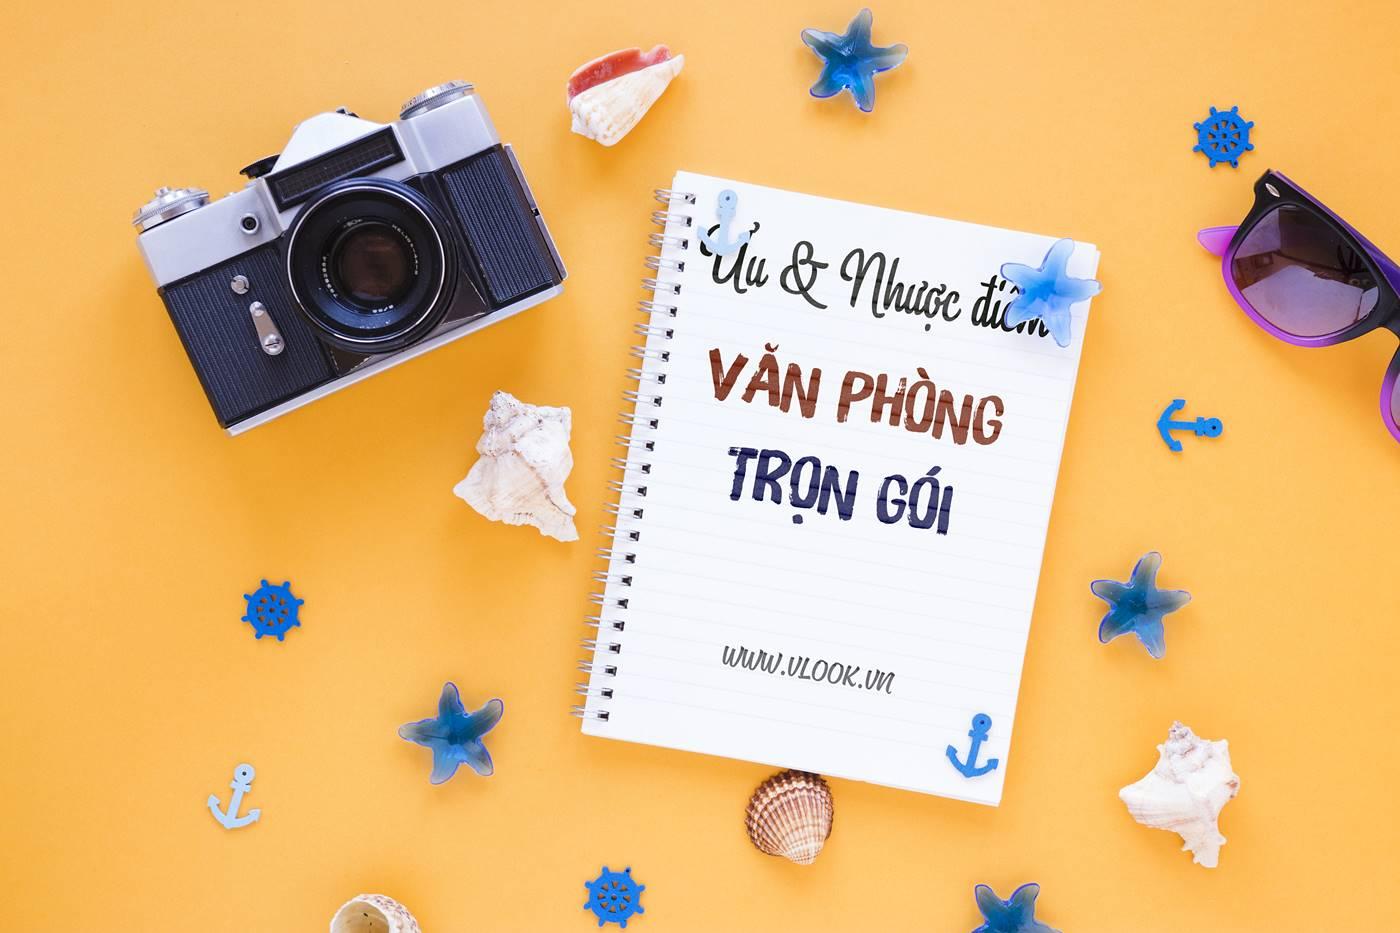 Văn phòng trọn gói là gì? Ưu nhược điểm của văn phòng trọn gói tại Việt Nam